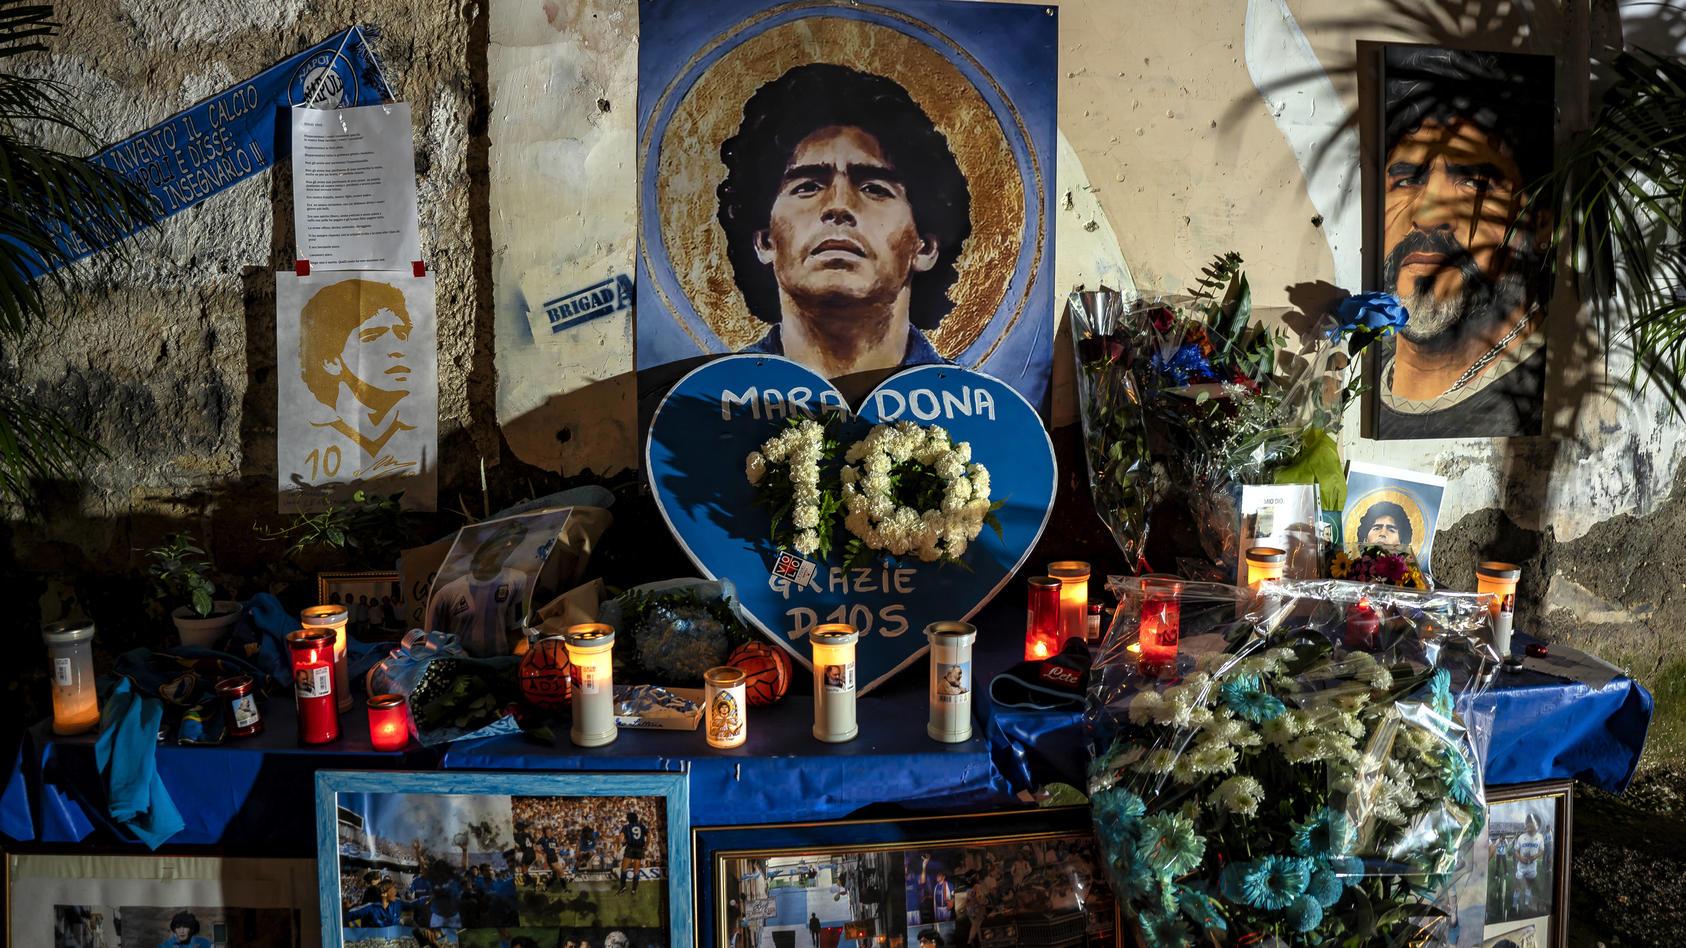 Besonders in Argentinien, aber auch in Neapel, wo Maradona zur Club-Legende wurde, gedenken die Fans der Fußball-Ikone